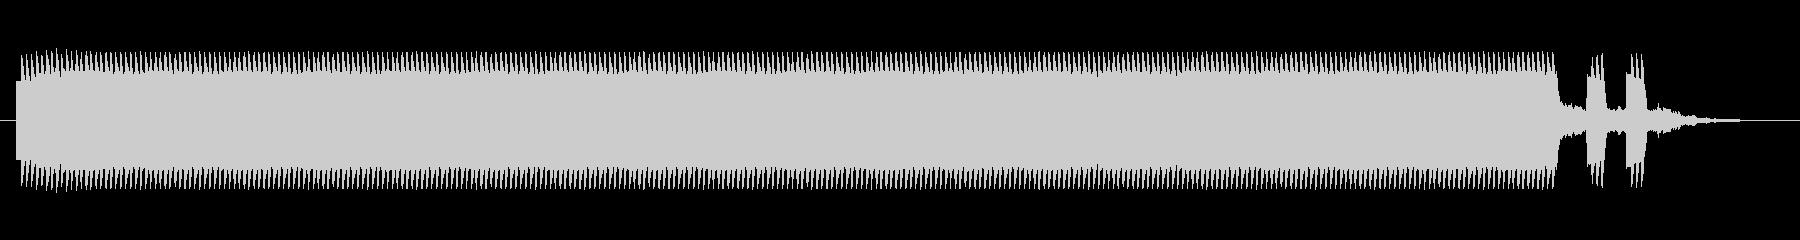 鉄道サウンド 駅発車ベル タイプCの未再生の波形